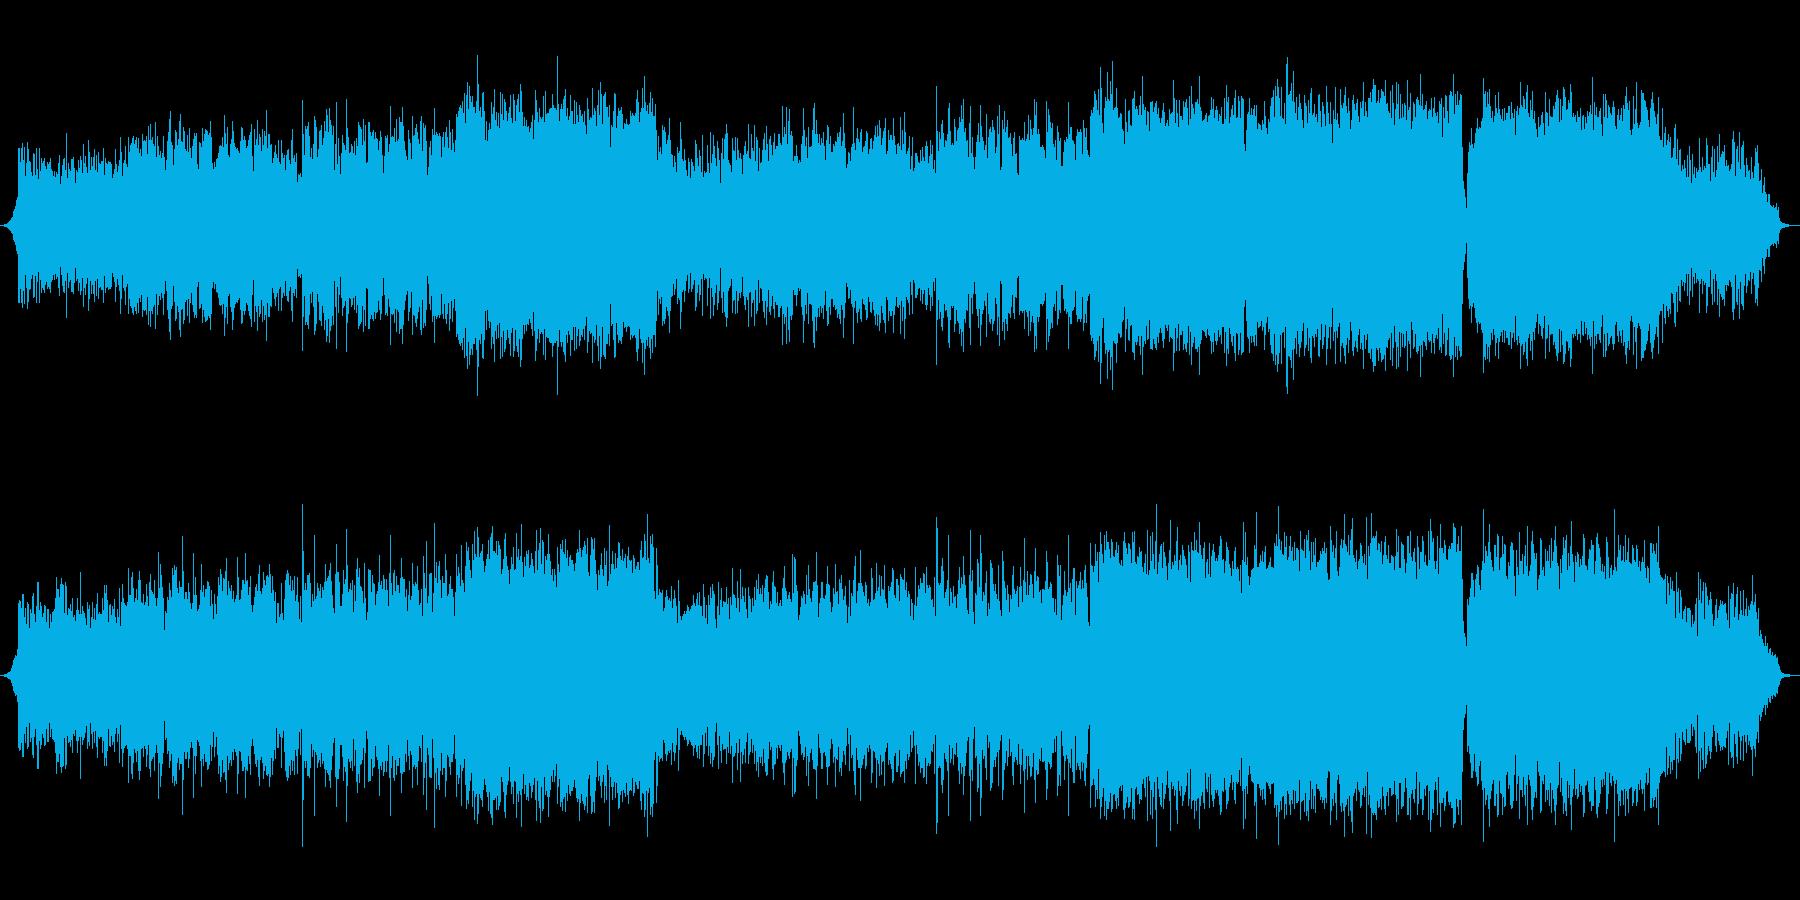 【生演奏】壮大でグッとくる感動的な和風曲の再生済みの波形